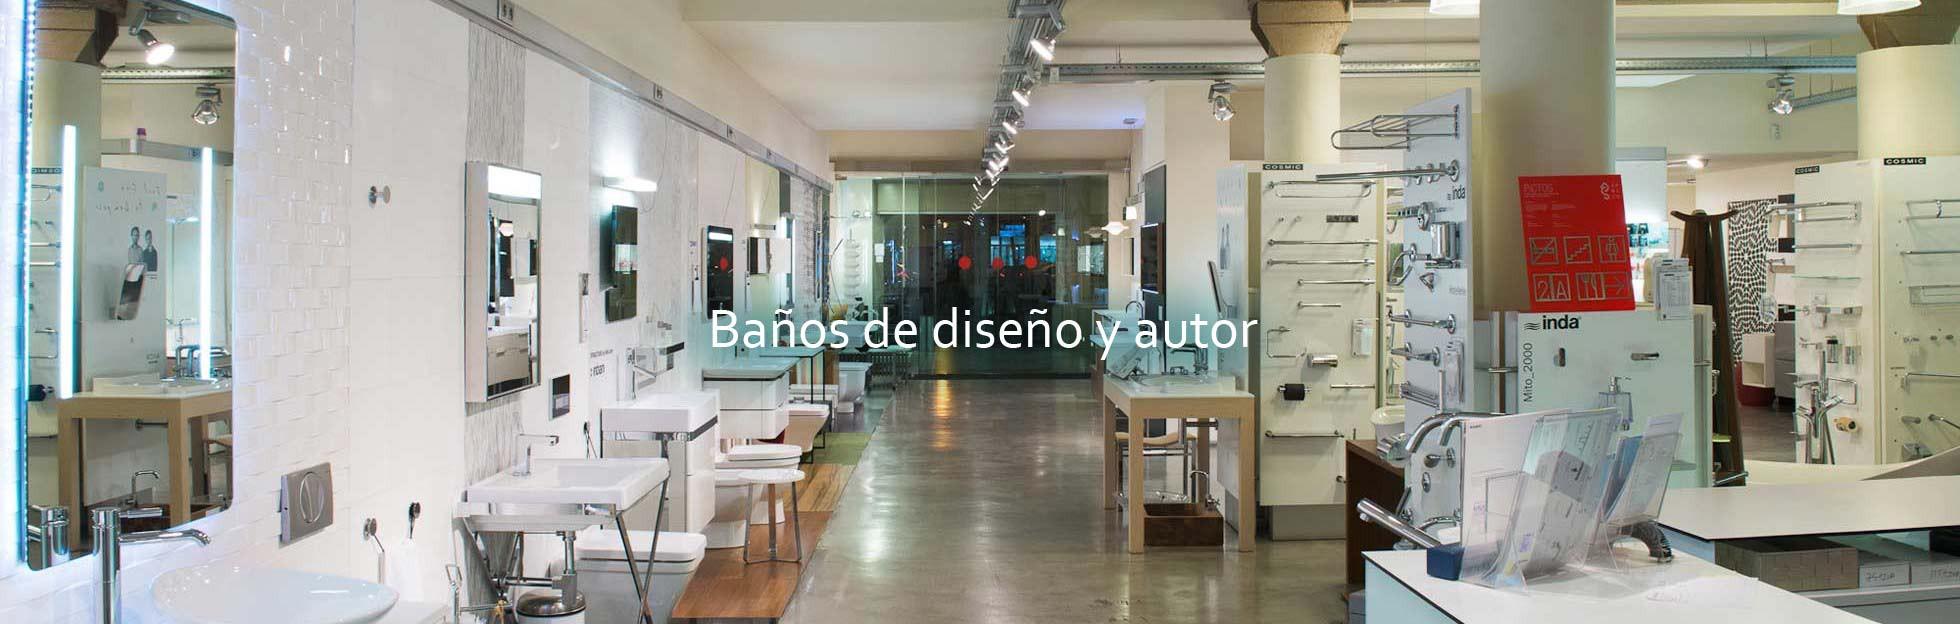 Tienda baños de diseño Tono Bagno